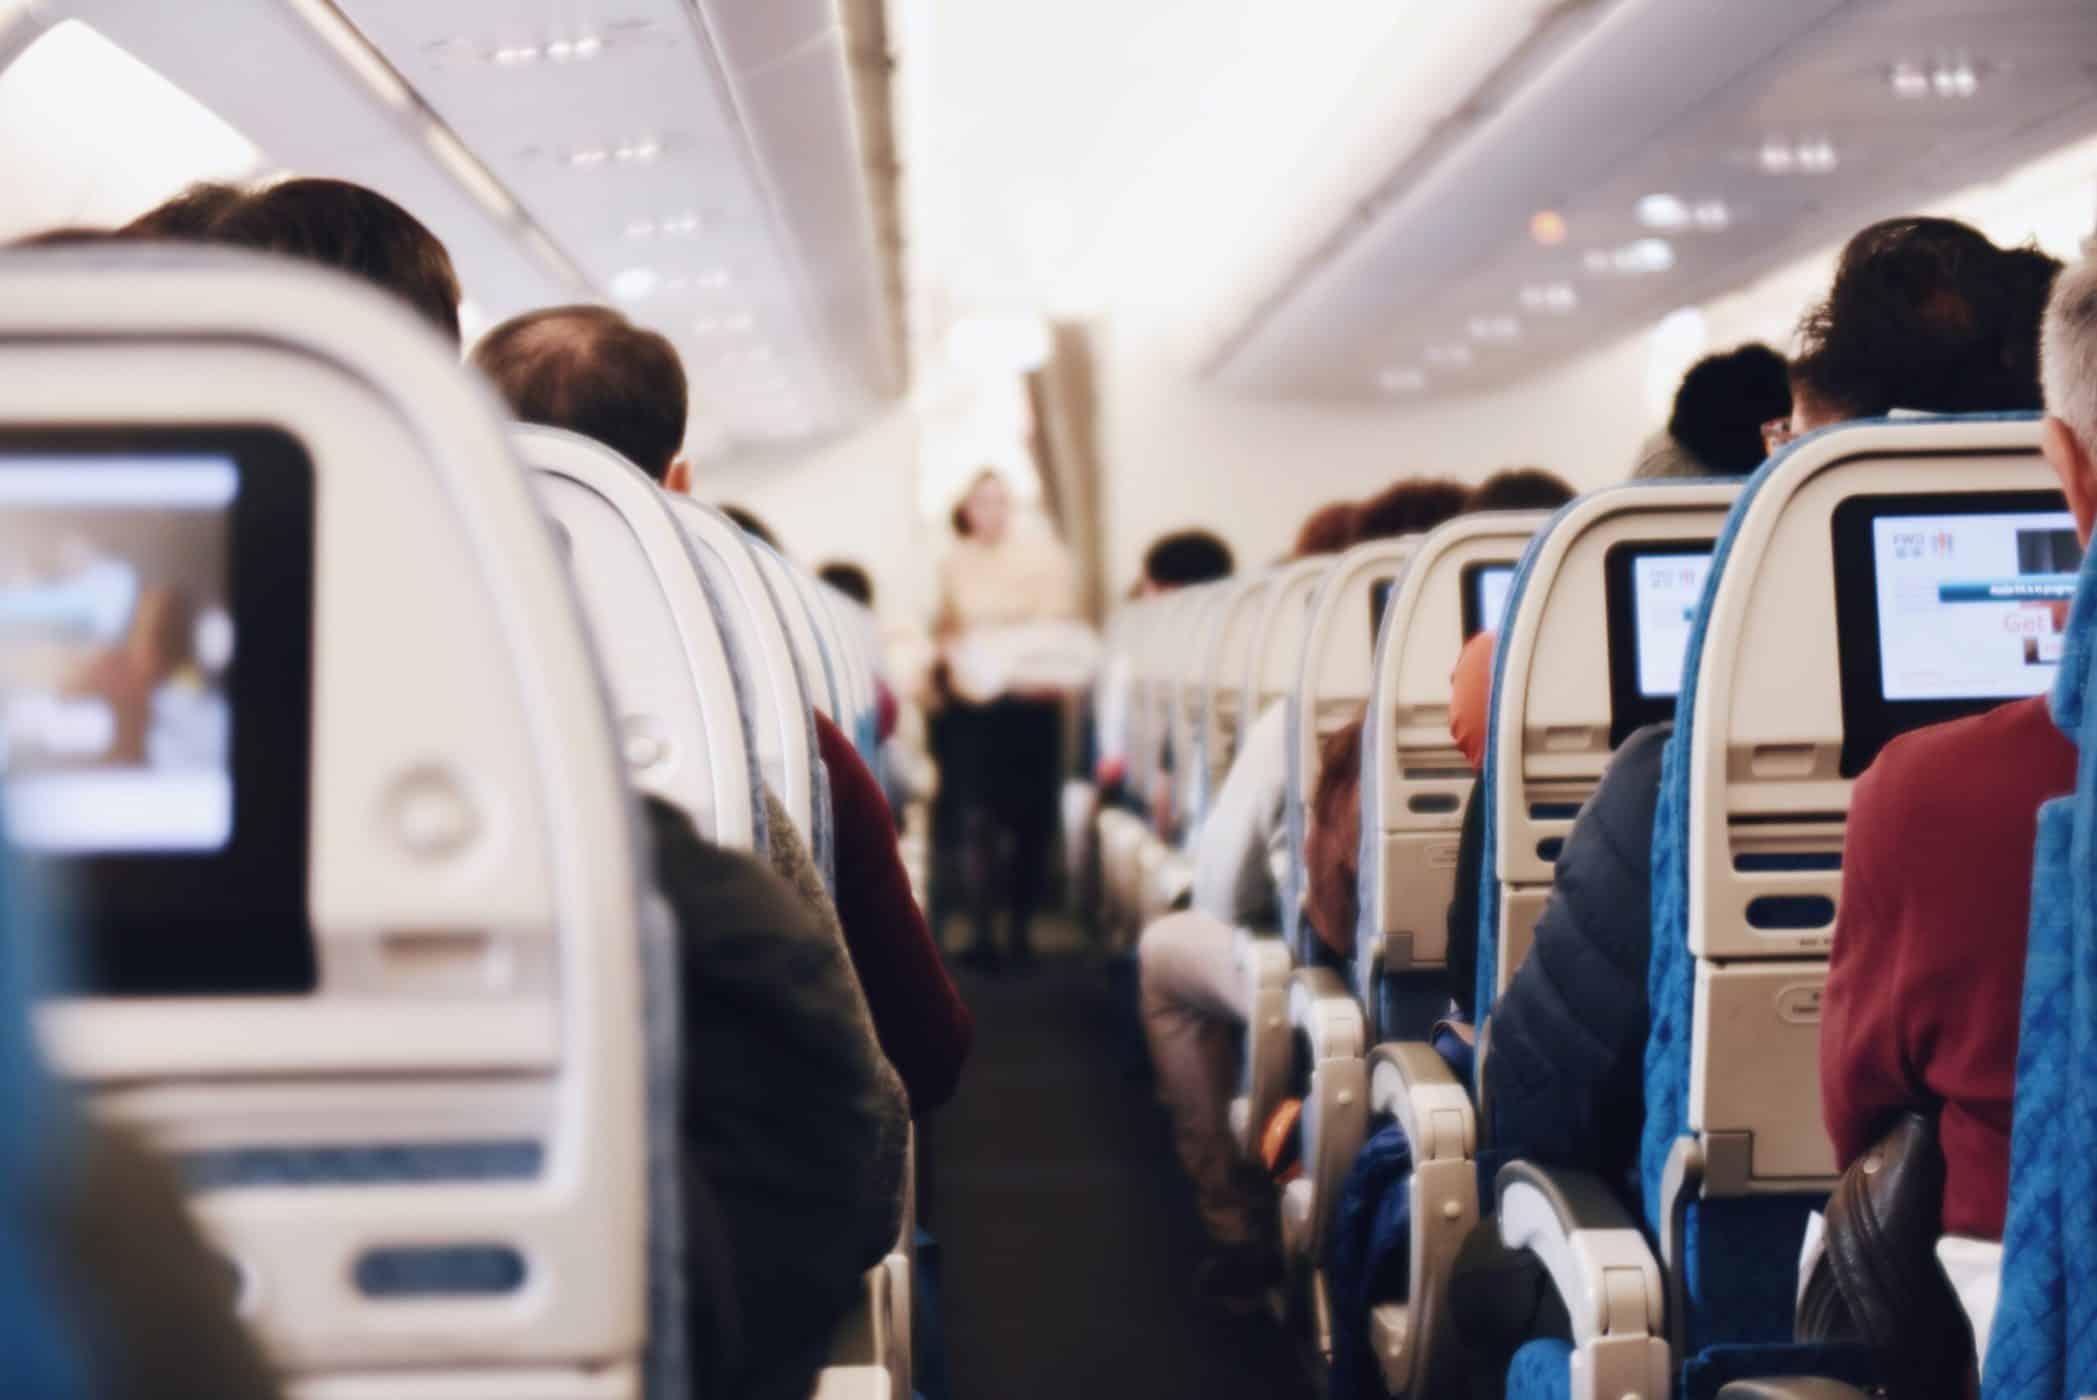 People sitting on an aeroplane.